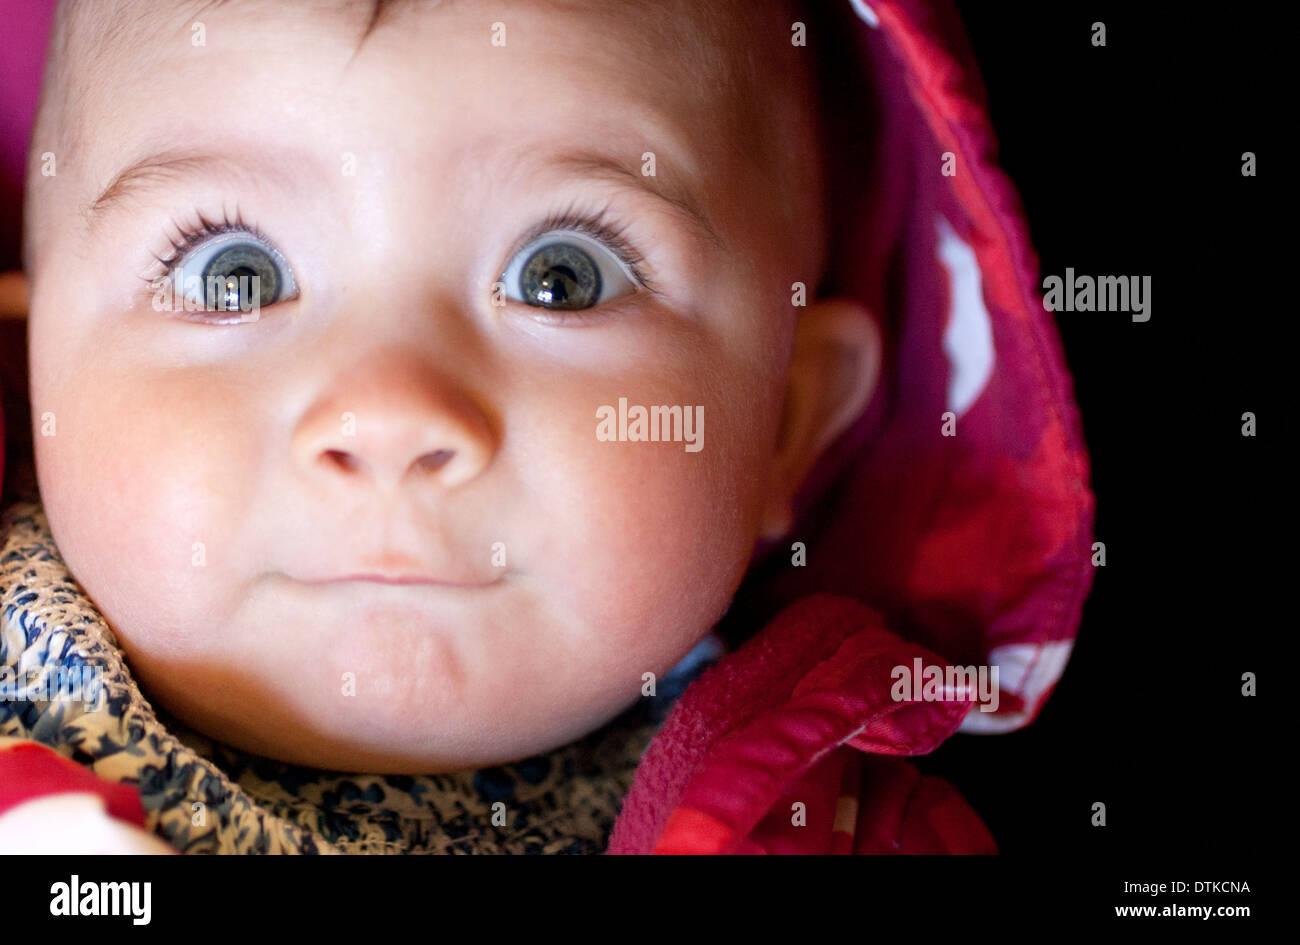 Babymädchen überrascht Gesicht Nahaufnahme Stockfoto